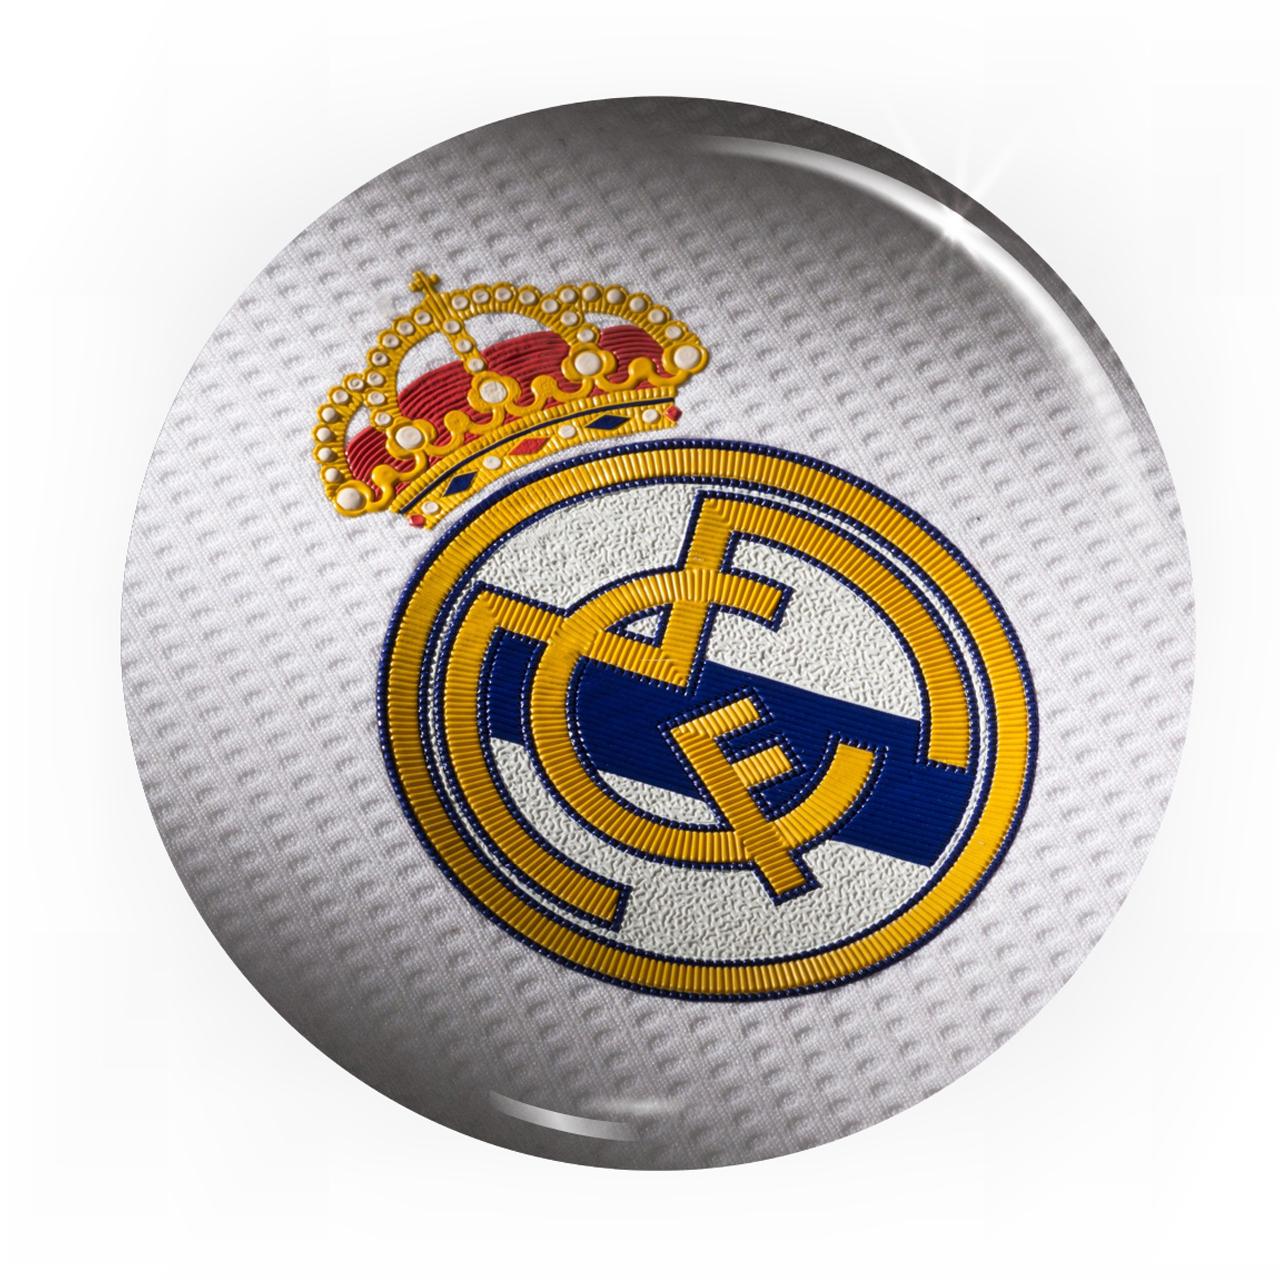 پیکسل تیداکس طرح تیم رئال مادرید فوتبالی کد TiD017